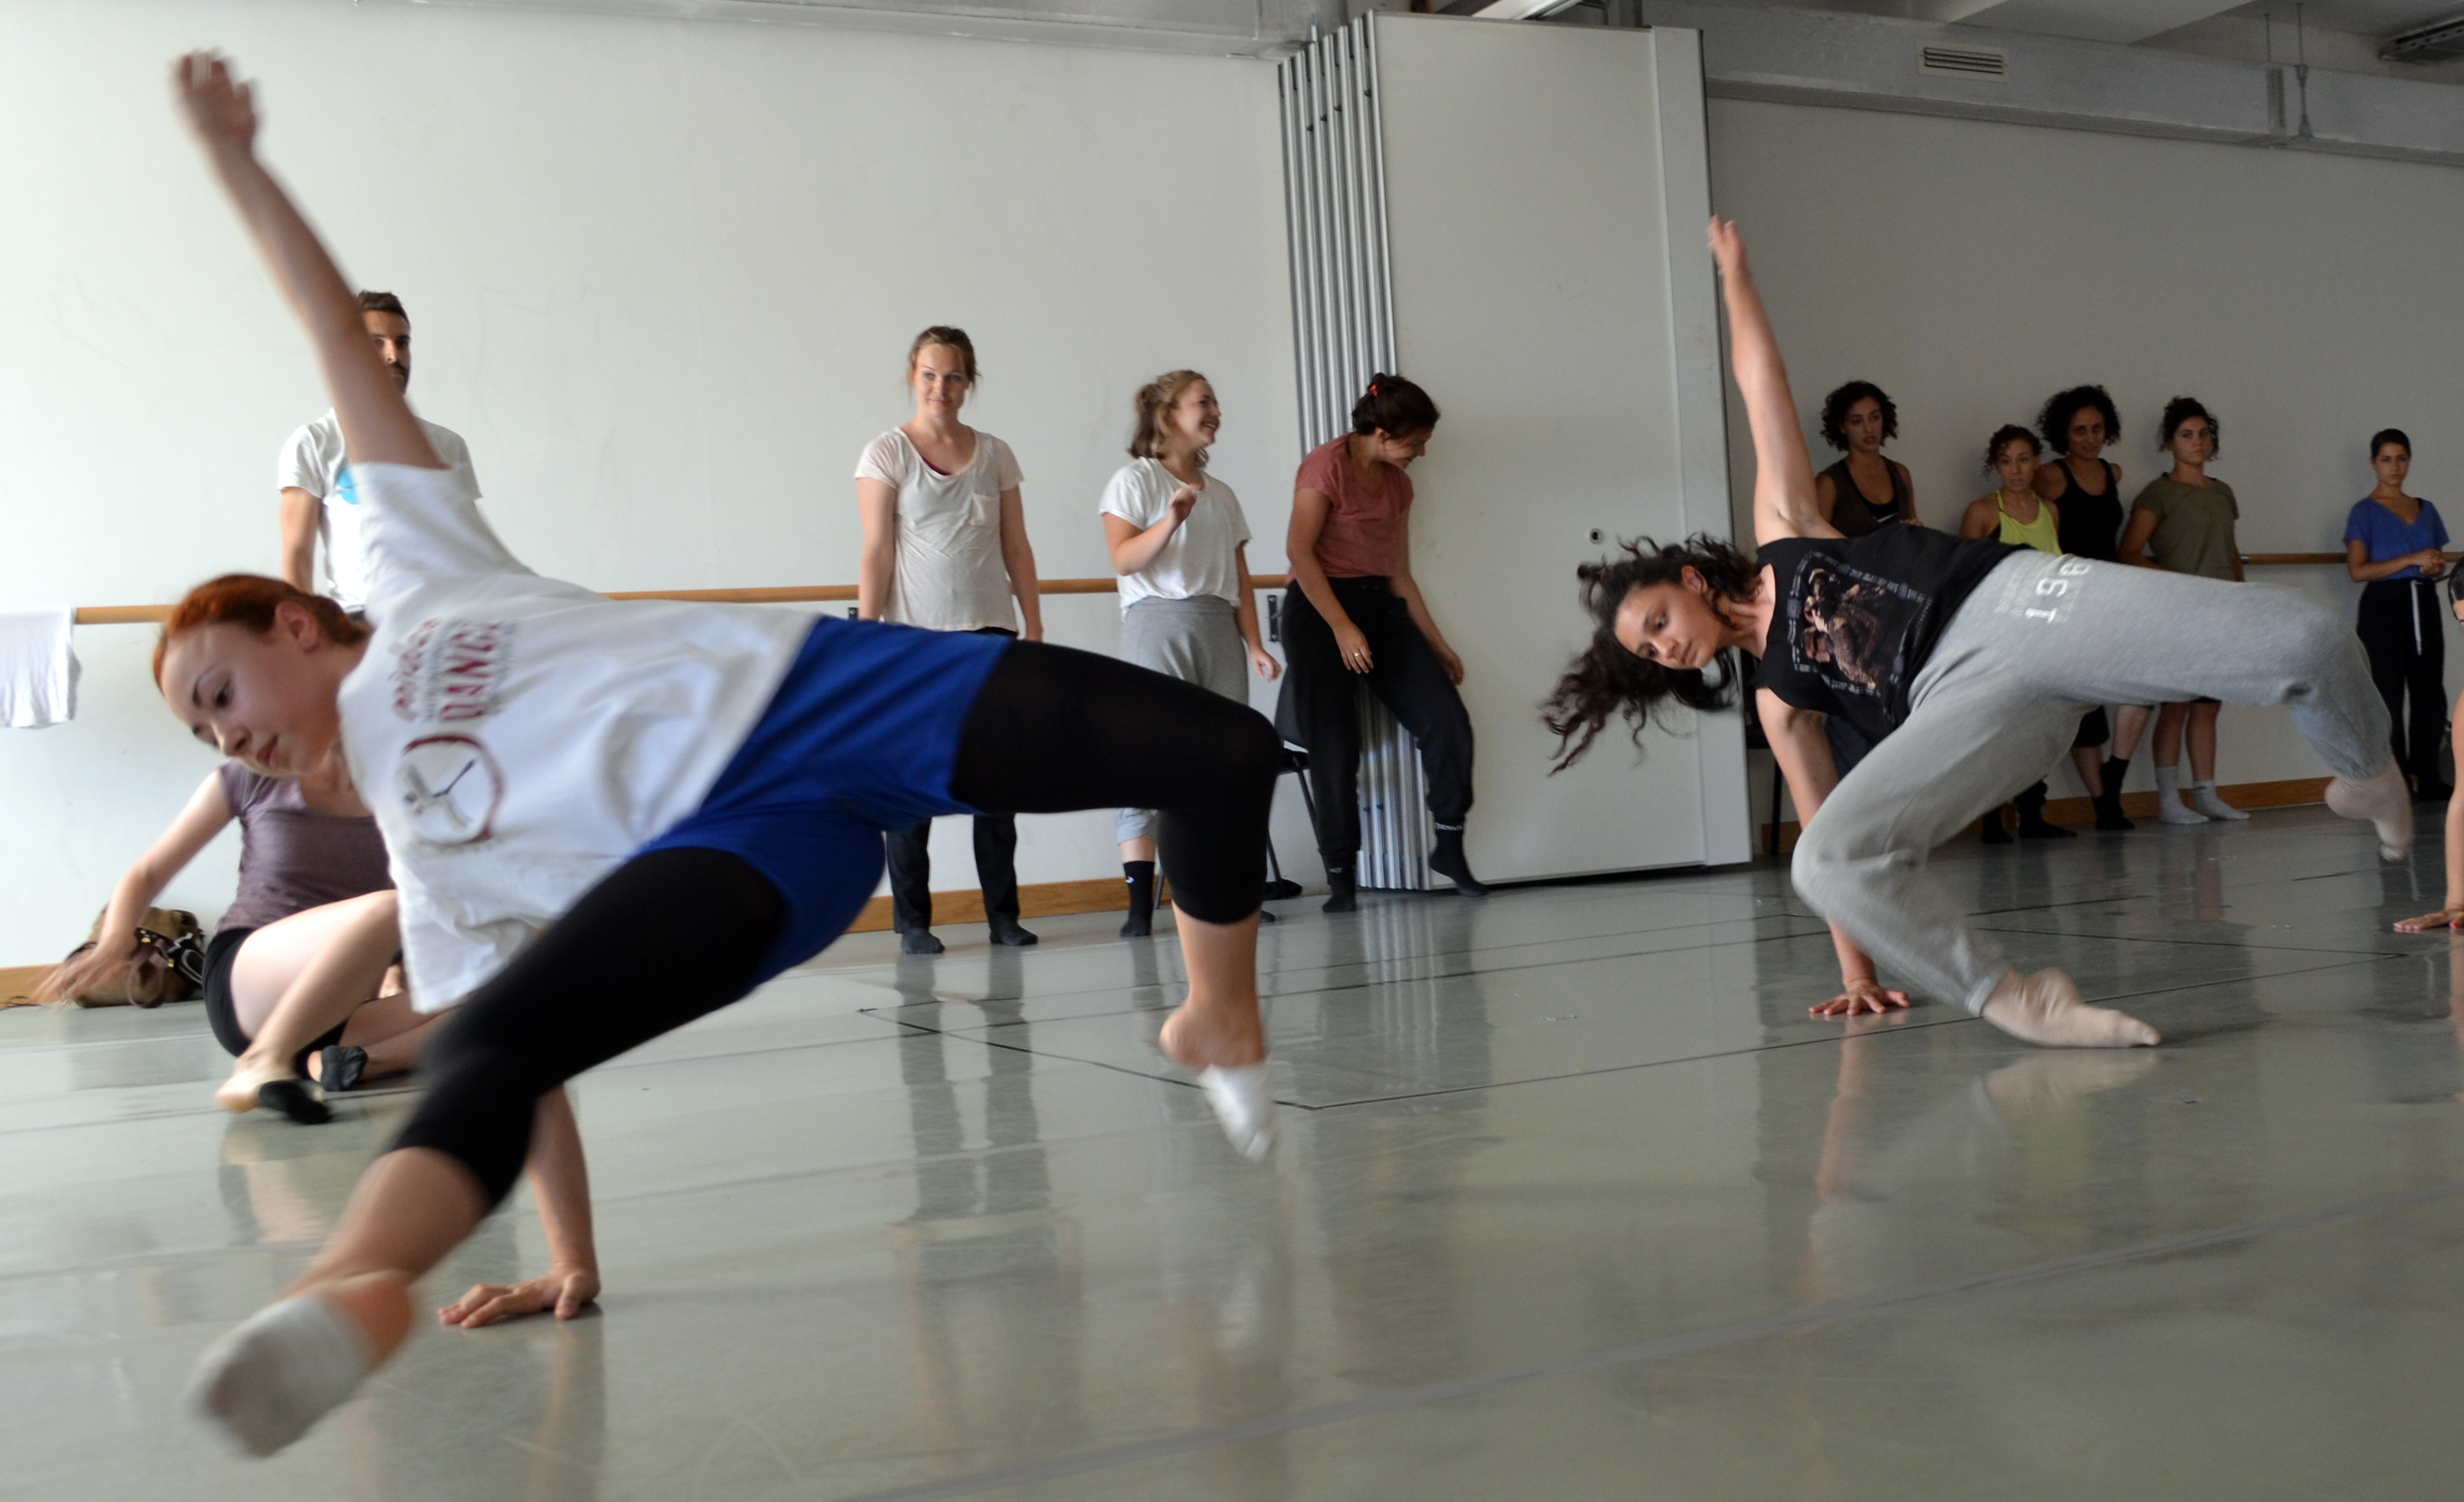 Dancers at the ŻfinMalta Masterclass last Saturday.